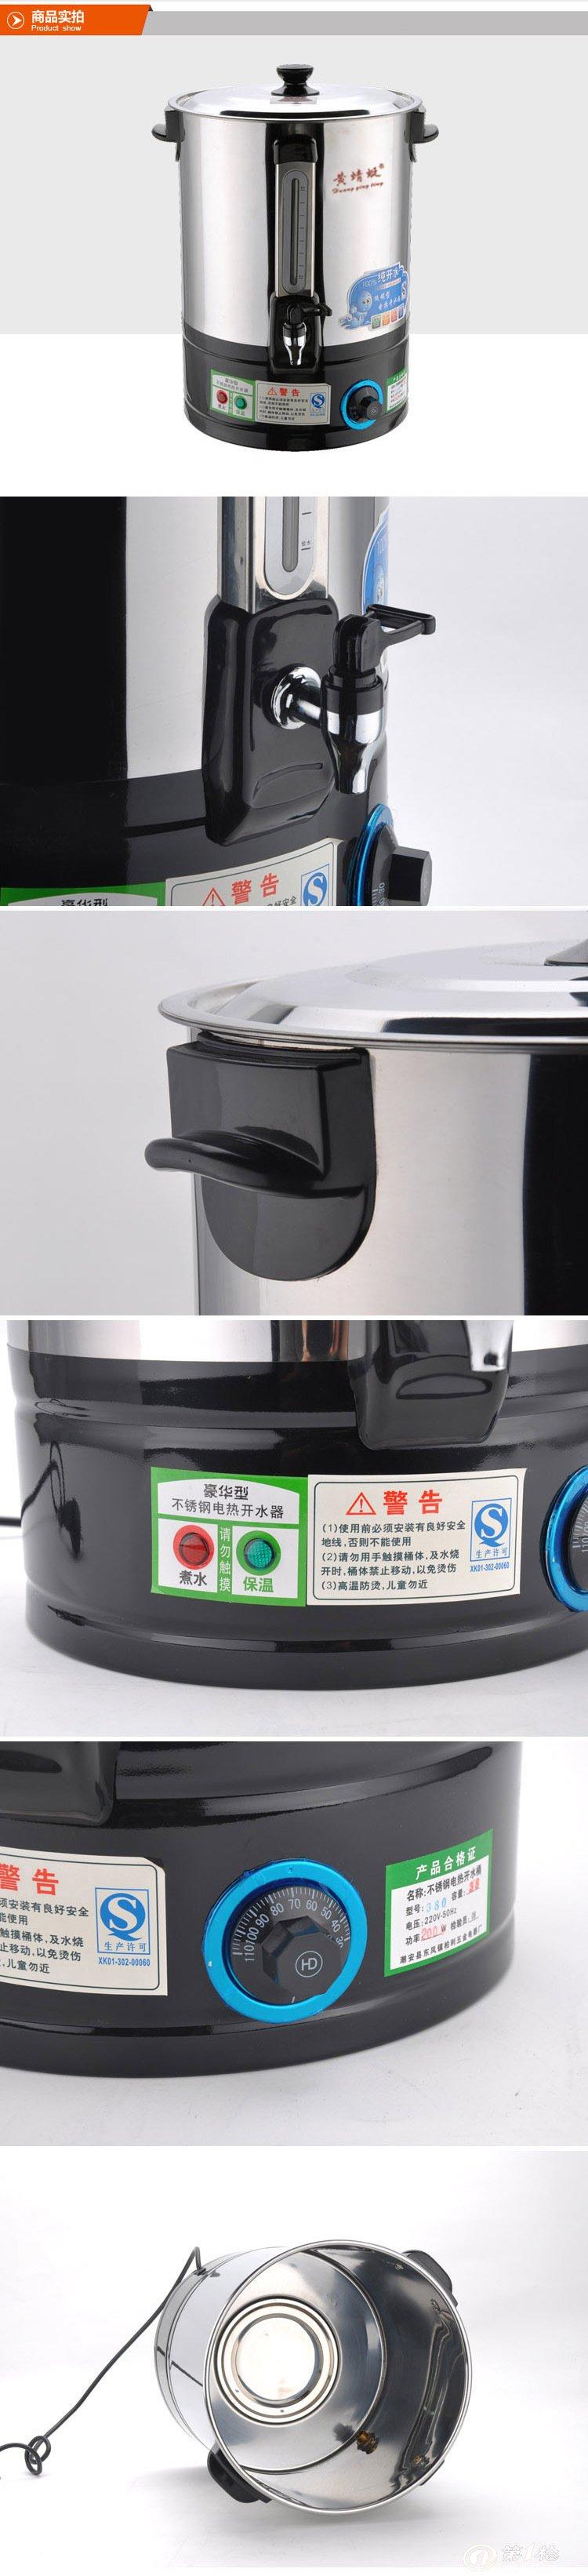 供应单层防干烧电热开水桶